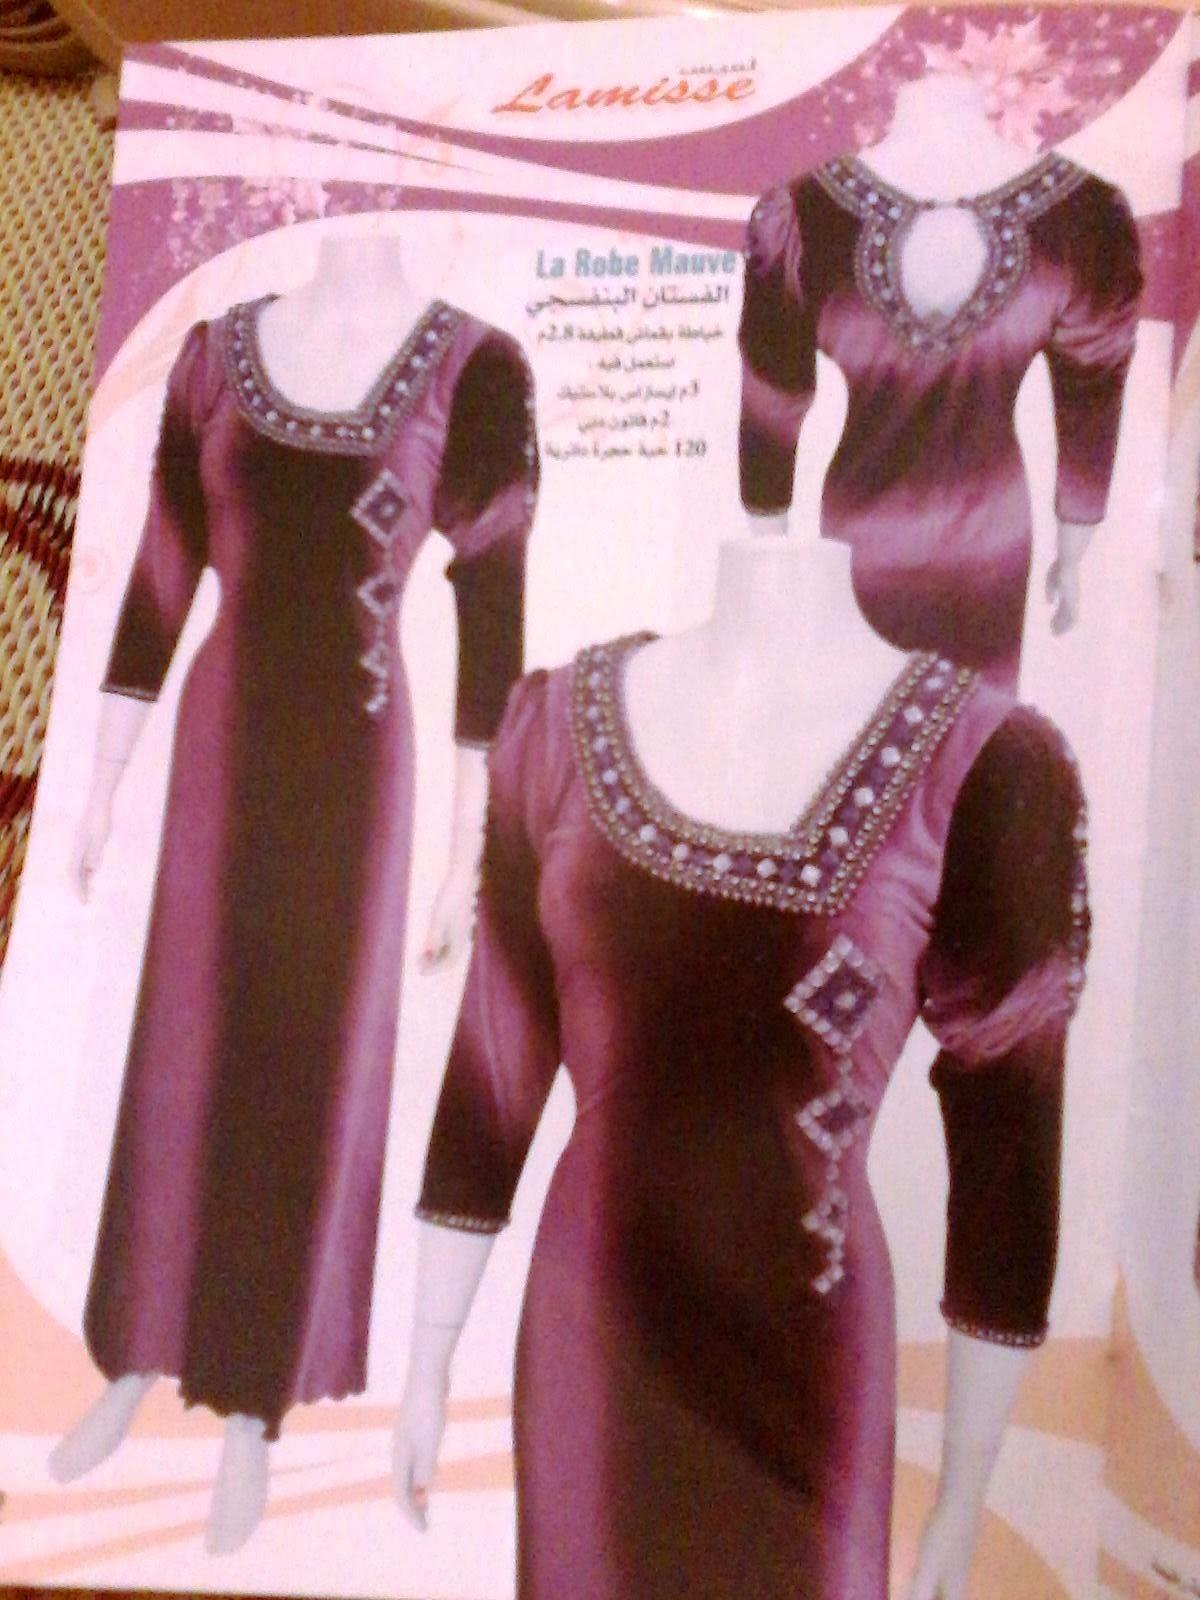 القنادر عصرية القطيفة من مجلة لميس lamisse للخياطة –  بالصور فساتين جديد مجلات خياطة جزائرية Anikanet4